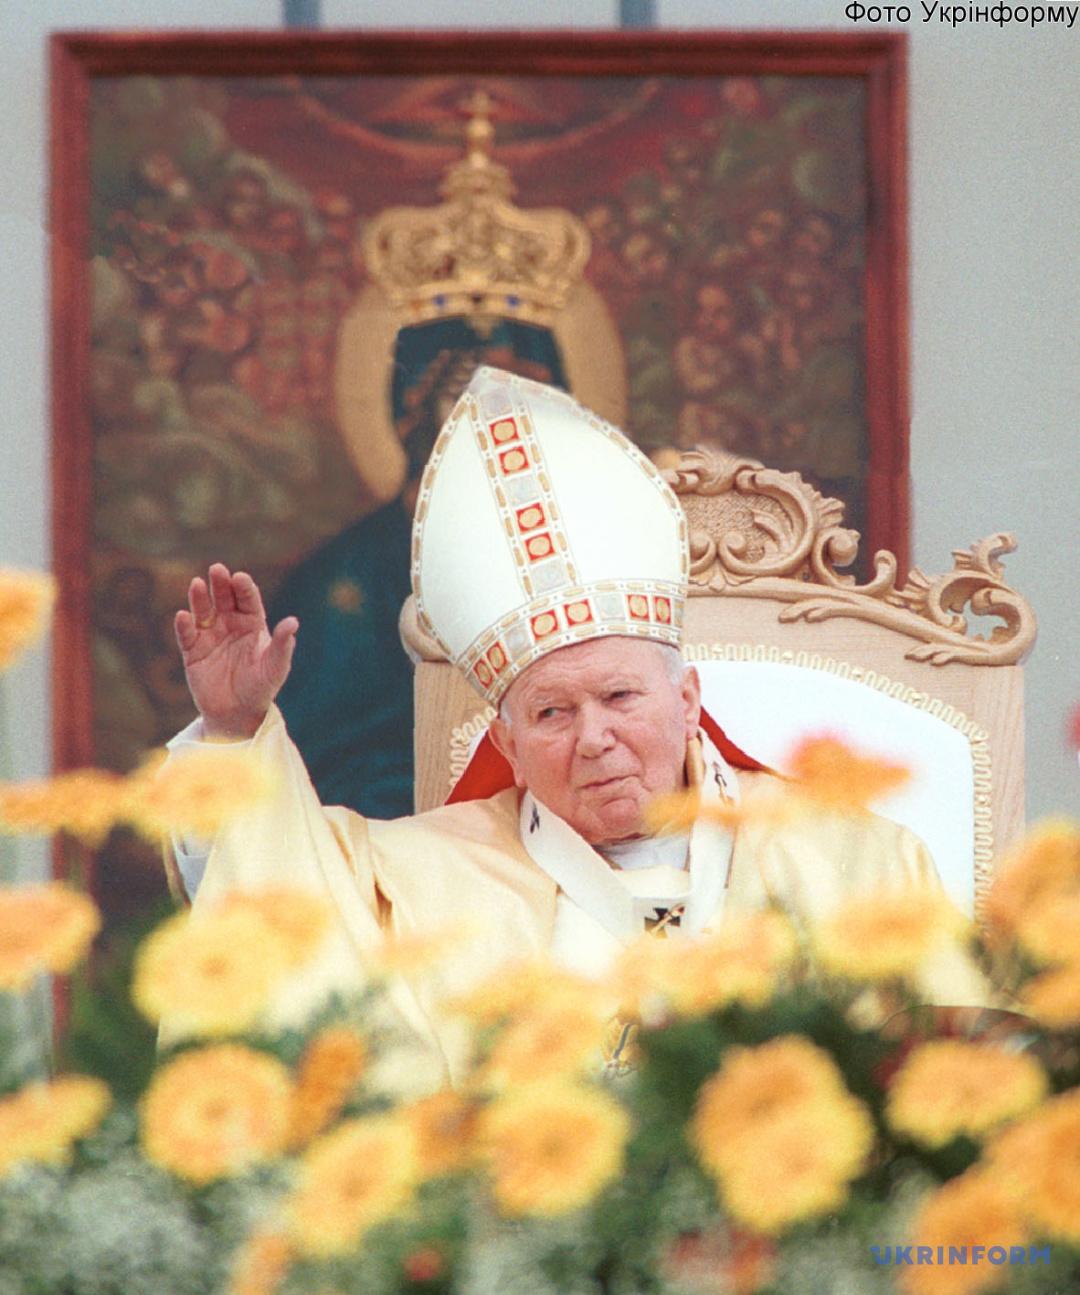 Папа Римський Іоанн Павло ІІ